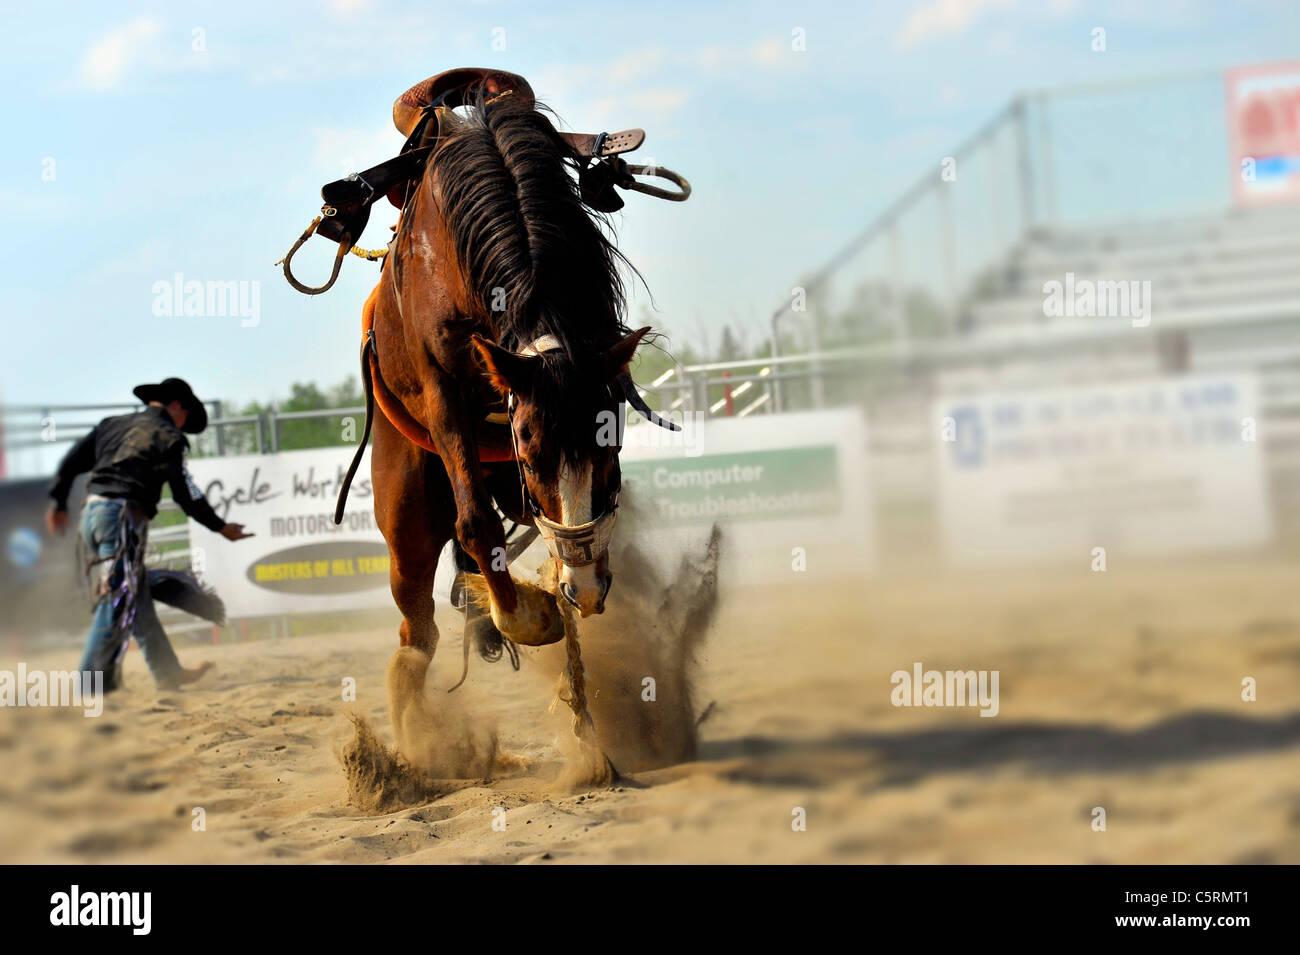 Ein Pferd immer noch Ruckeln nach Ruckeln aus seinem Reiter bei einer Rodeo-Veranstaltung in central Alberta Kanada Stockbild